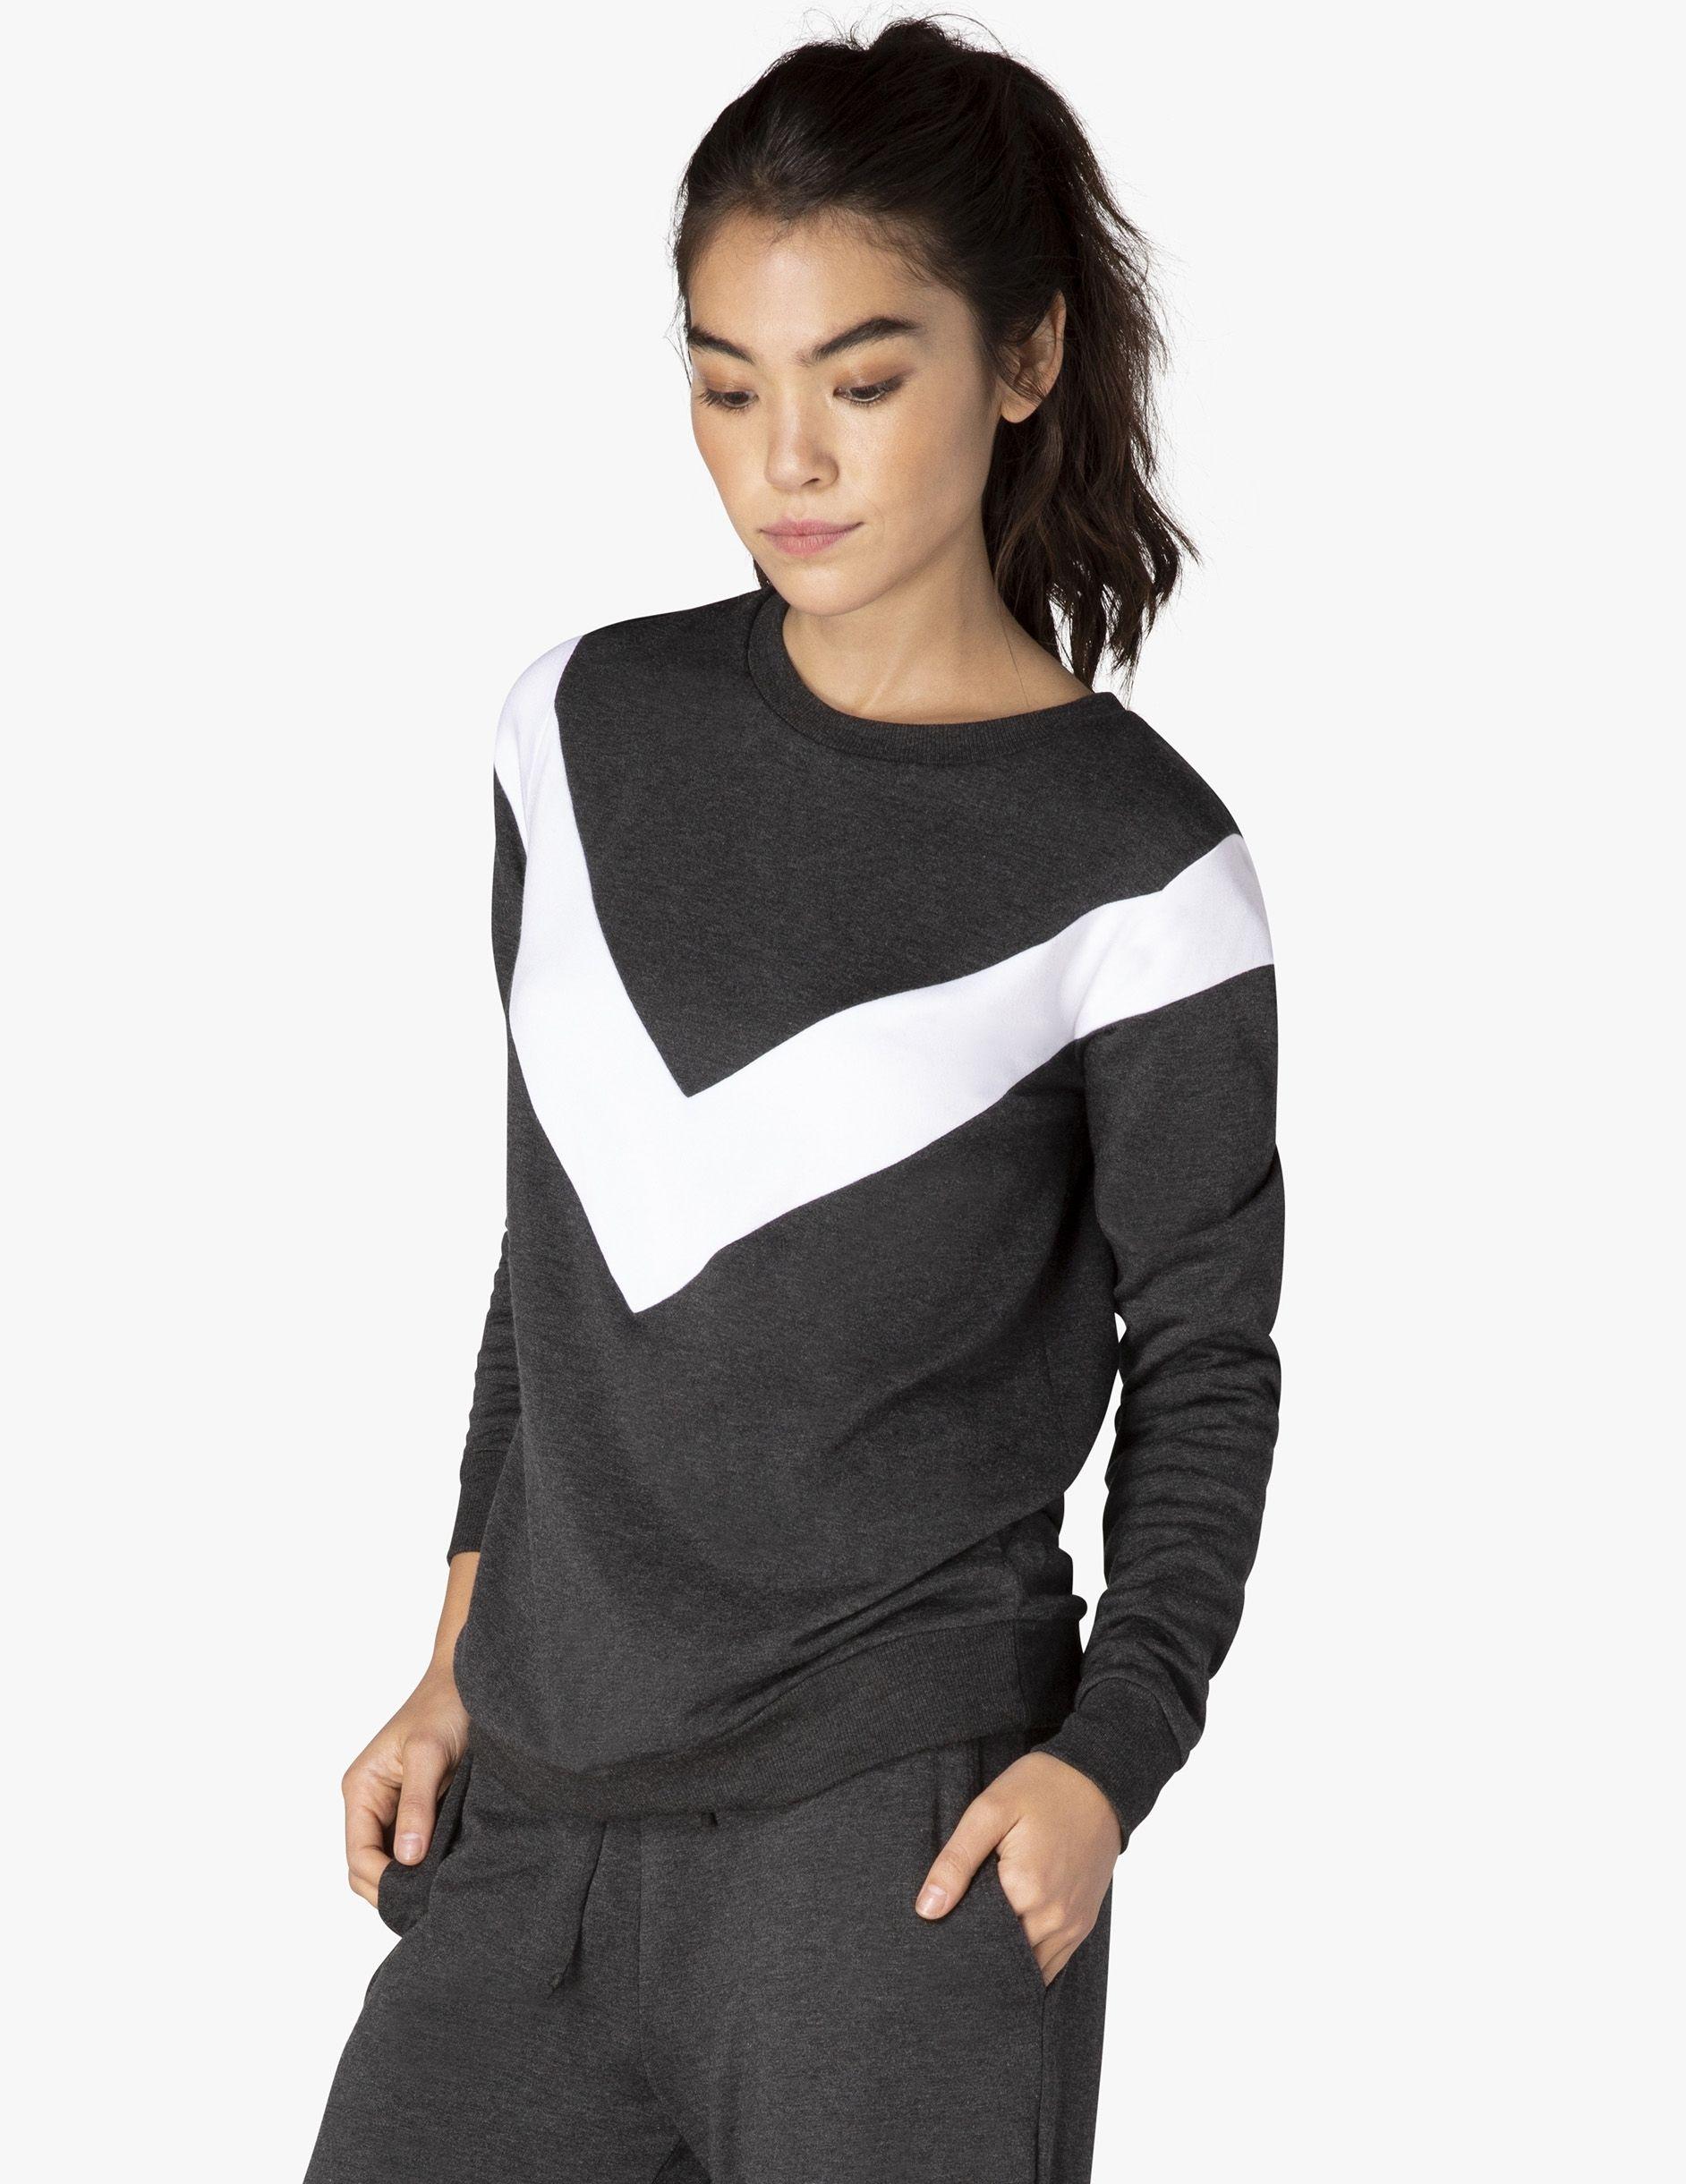 Self Chevron Pullover Pullover Fashion Tops